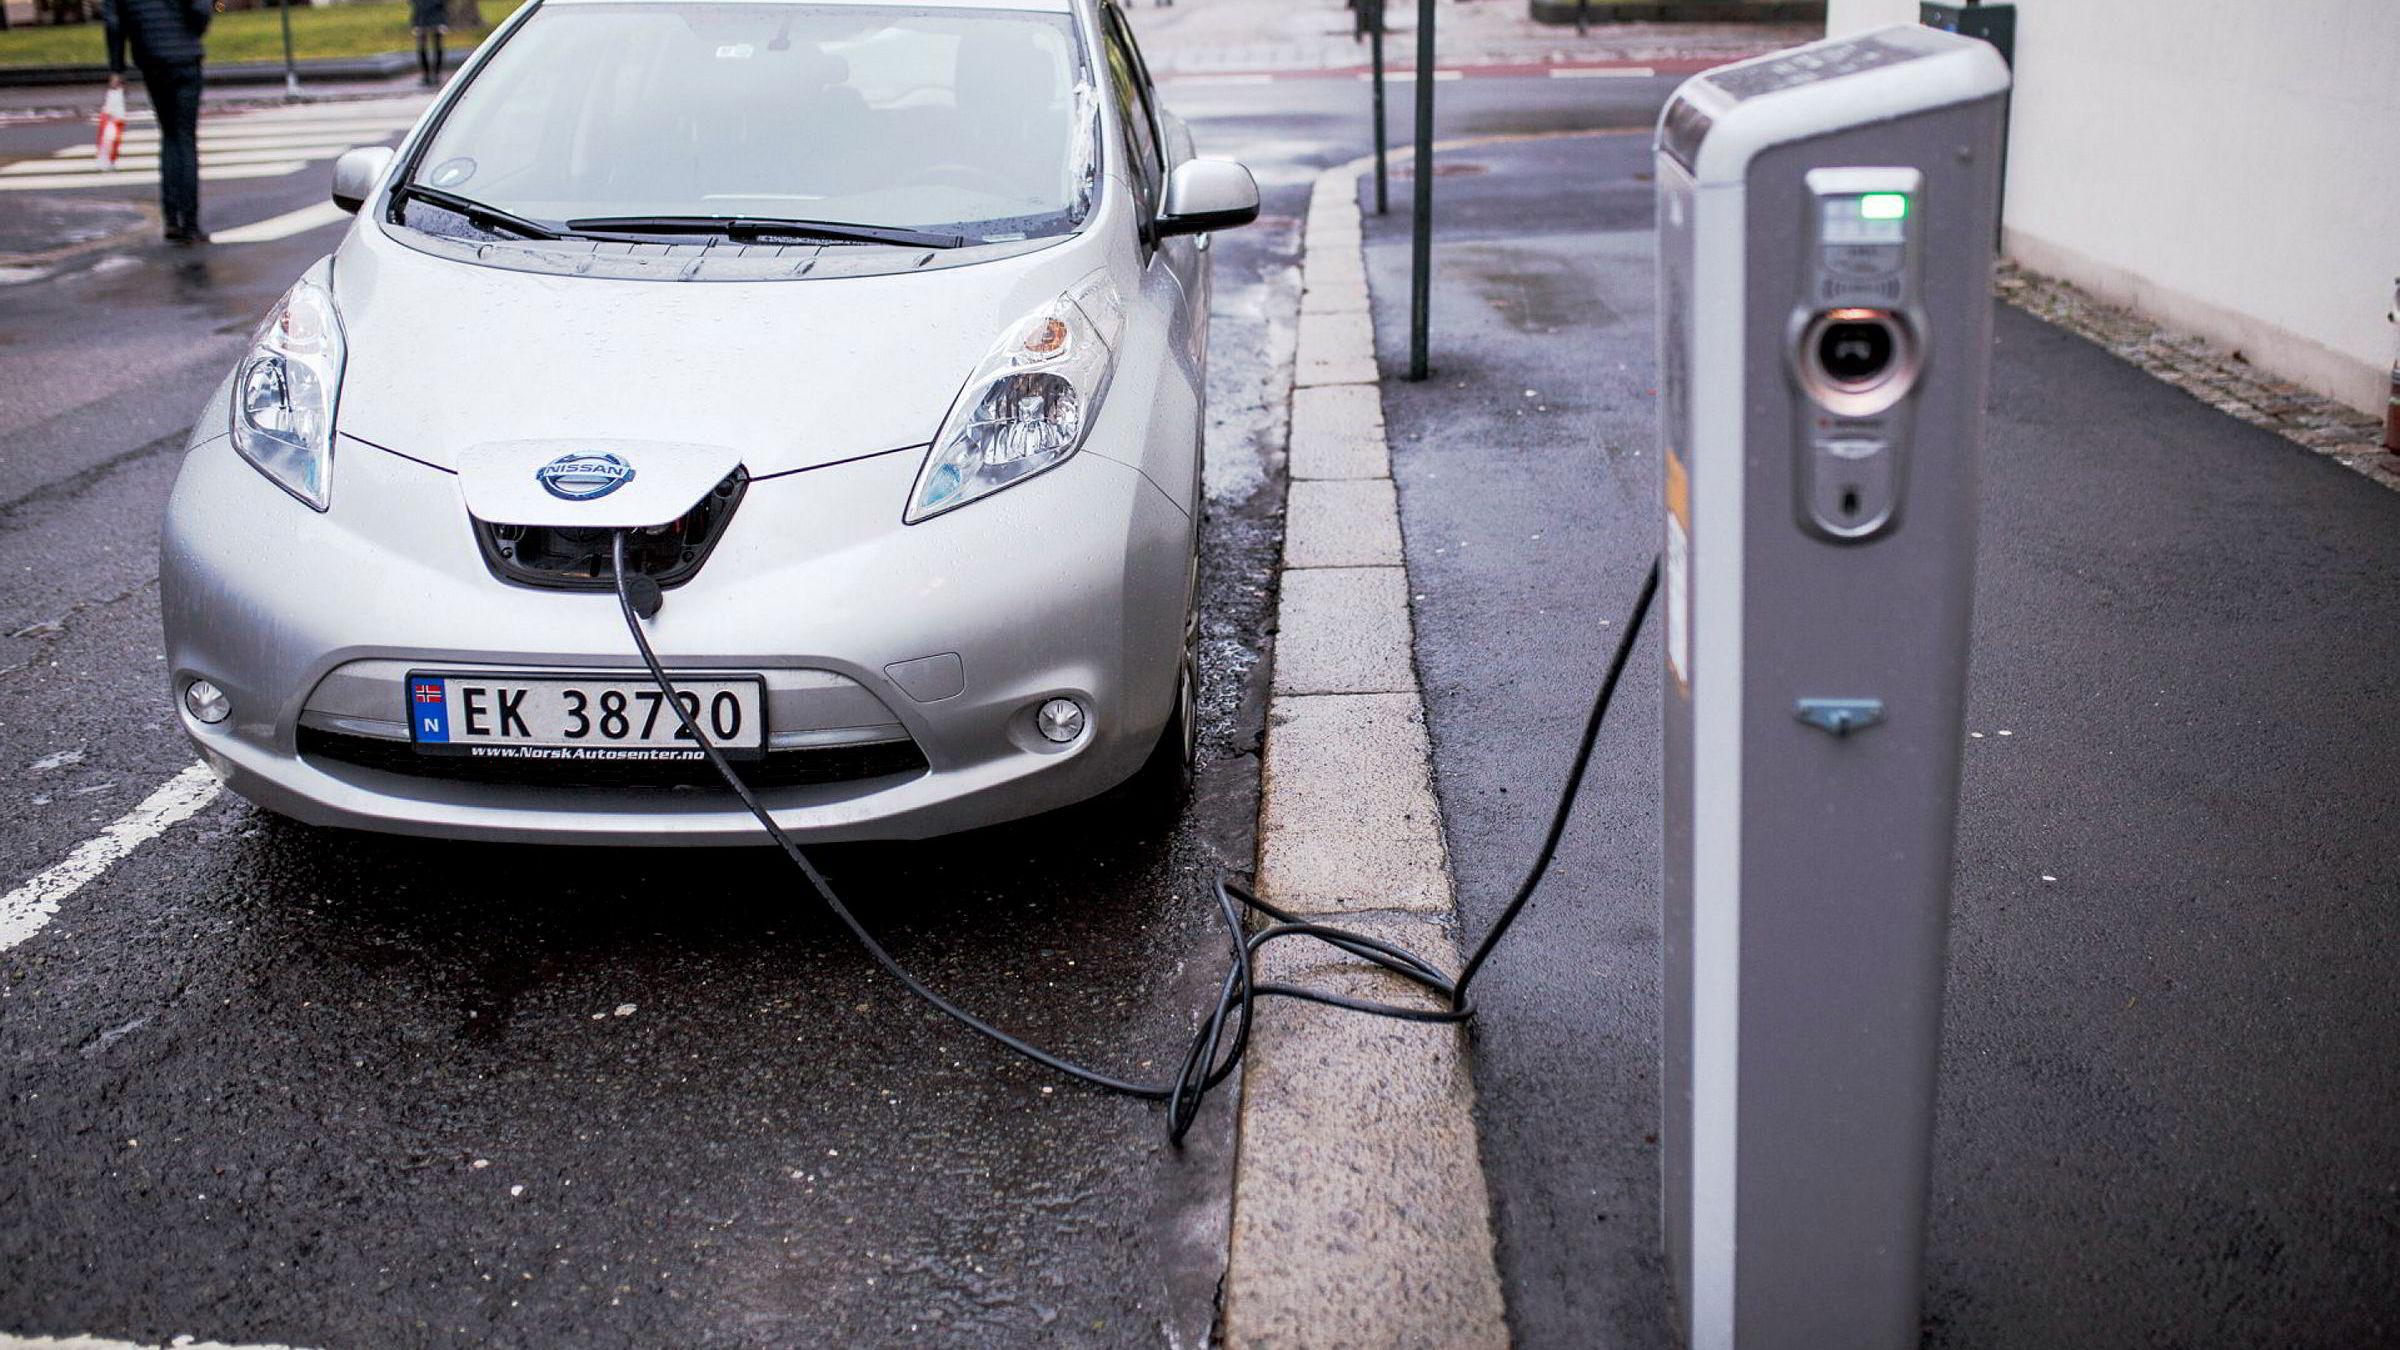 – Om målet er å erstatte mest mulig av fossilbilkjøringen, er det lurere å belønne biler med lang rekkevidde, sier Haakon Riekeles i Civita.